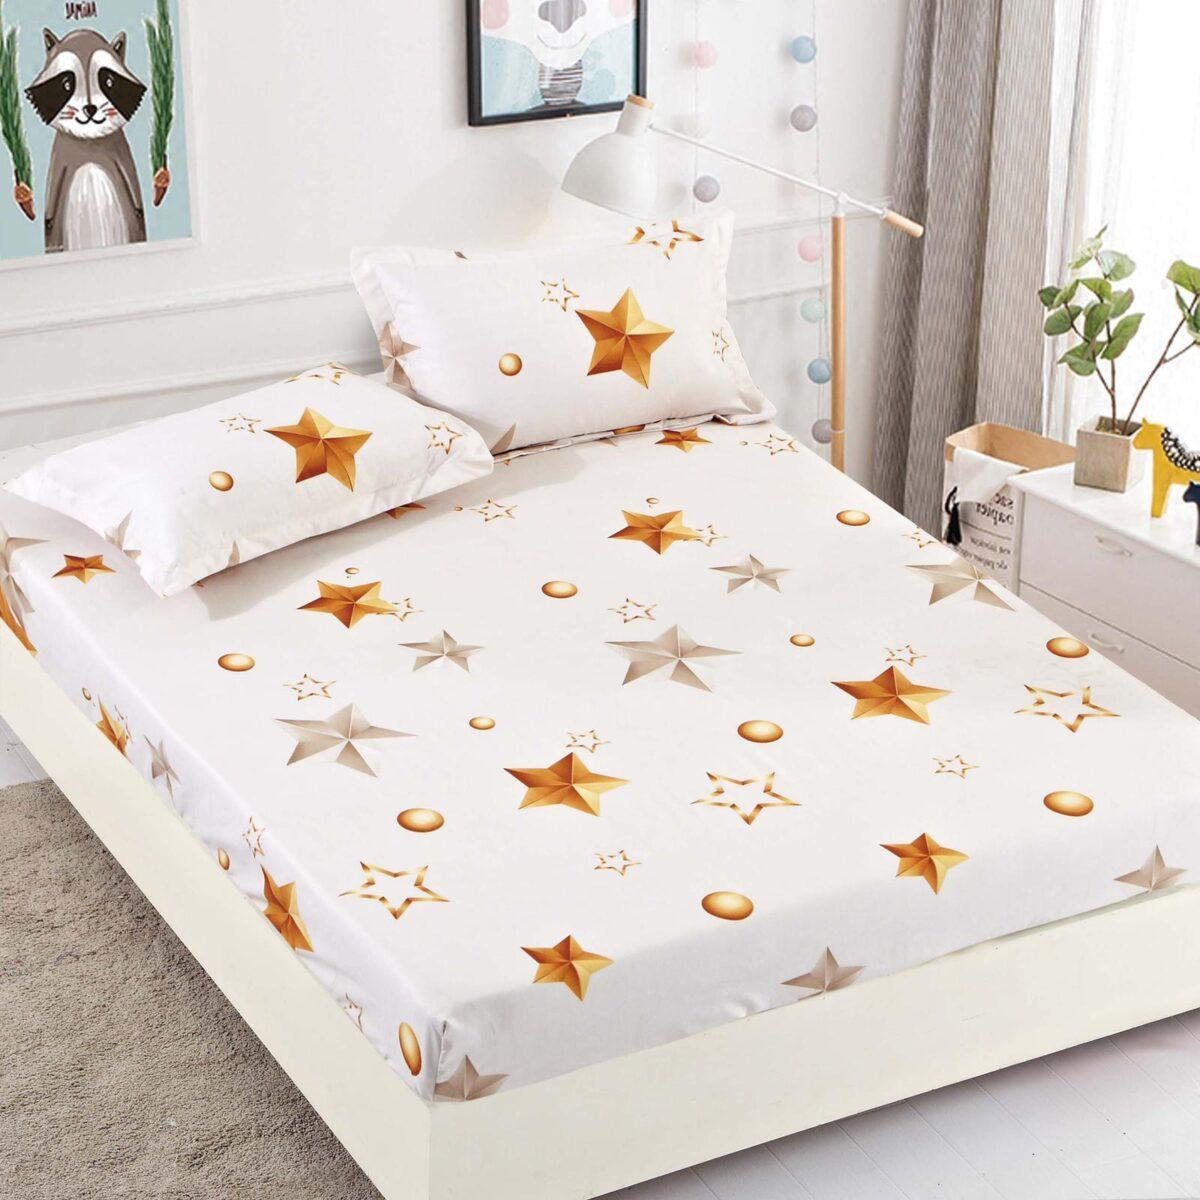 Husa de pat alba cu stelute galbene